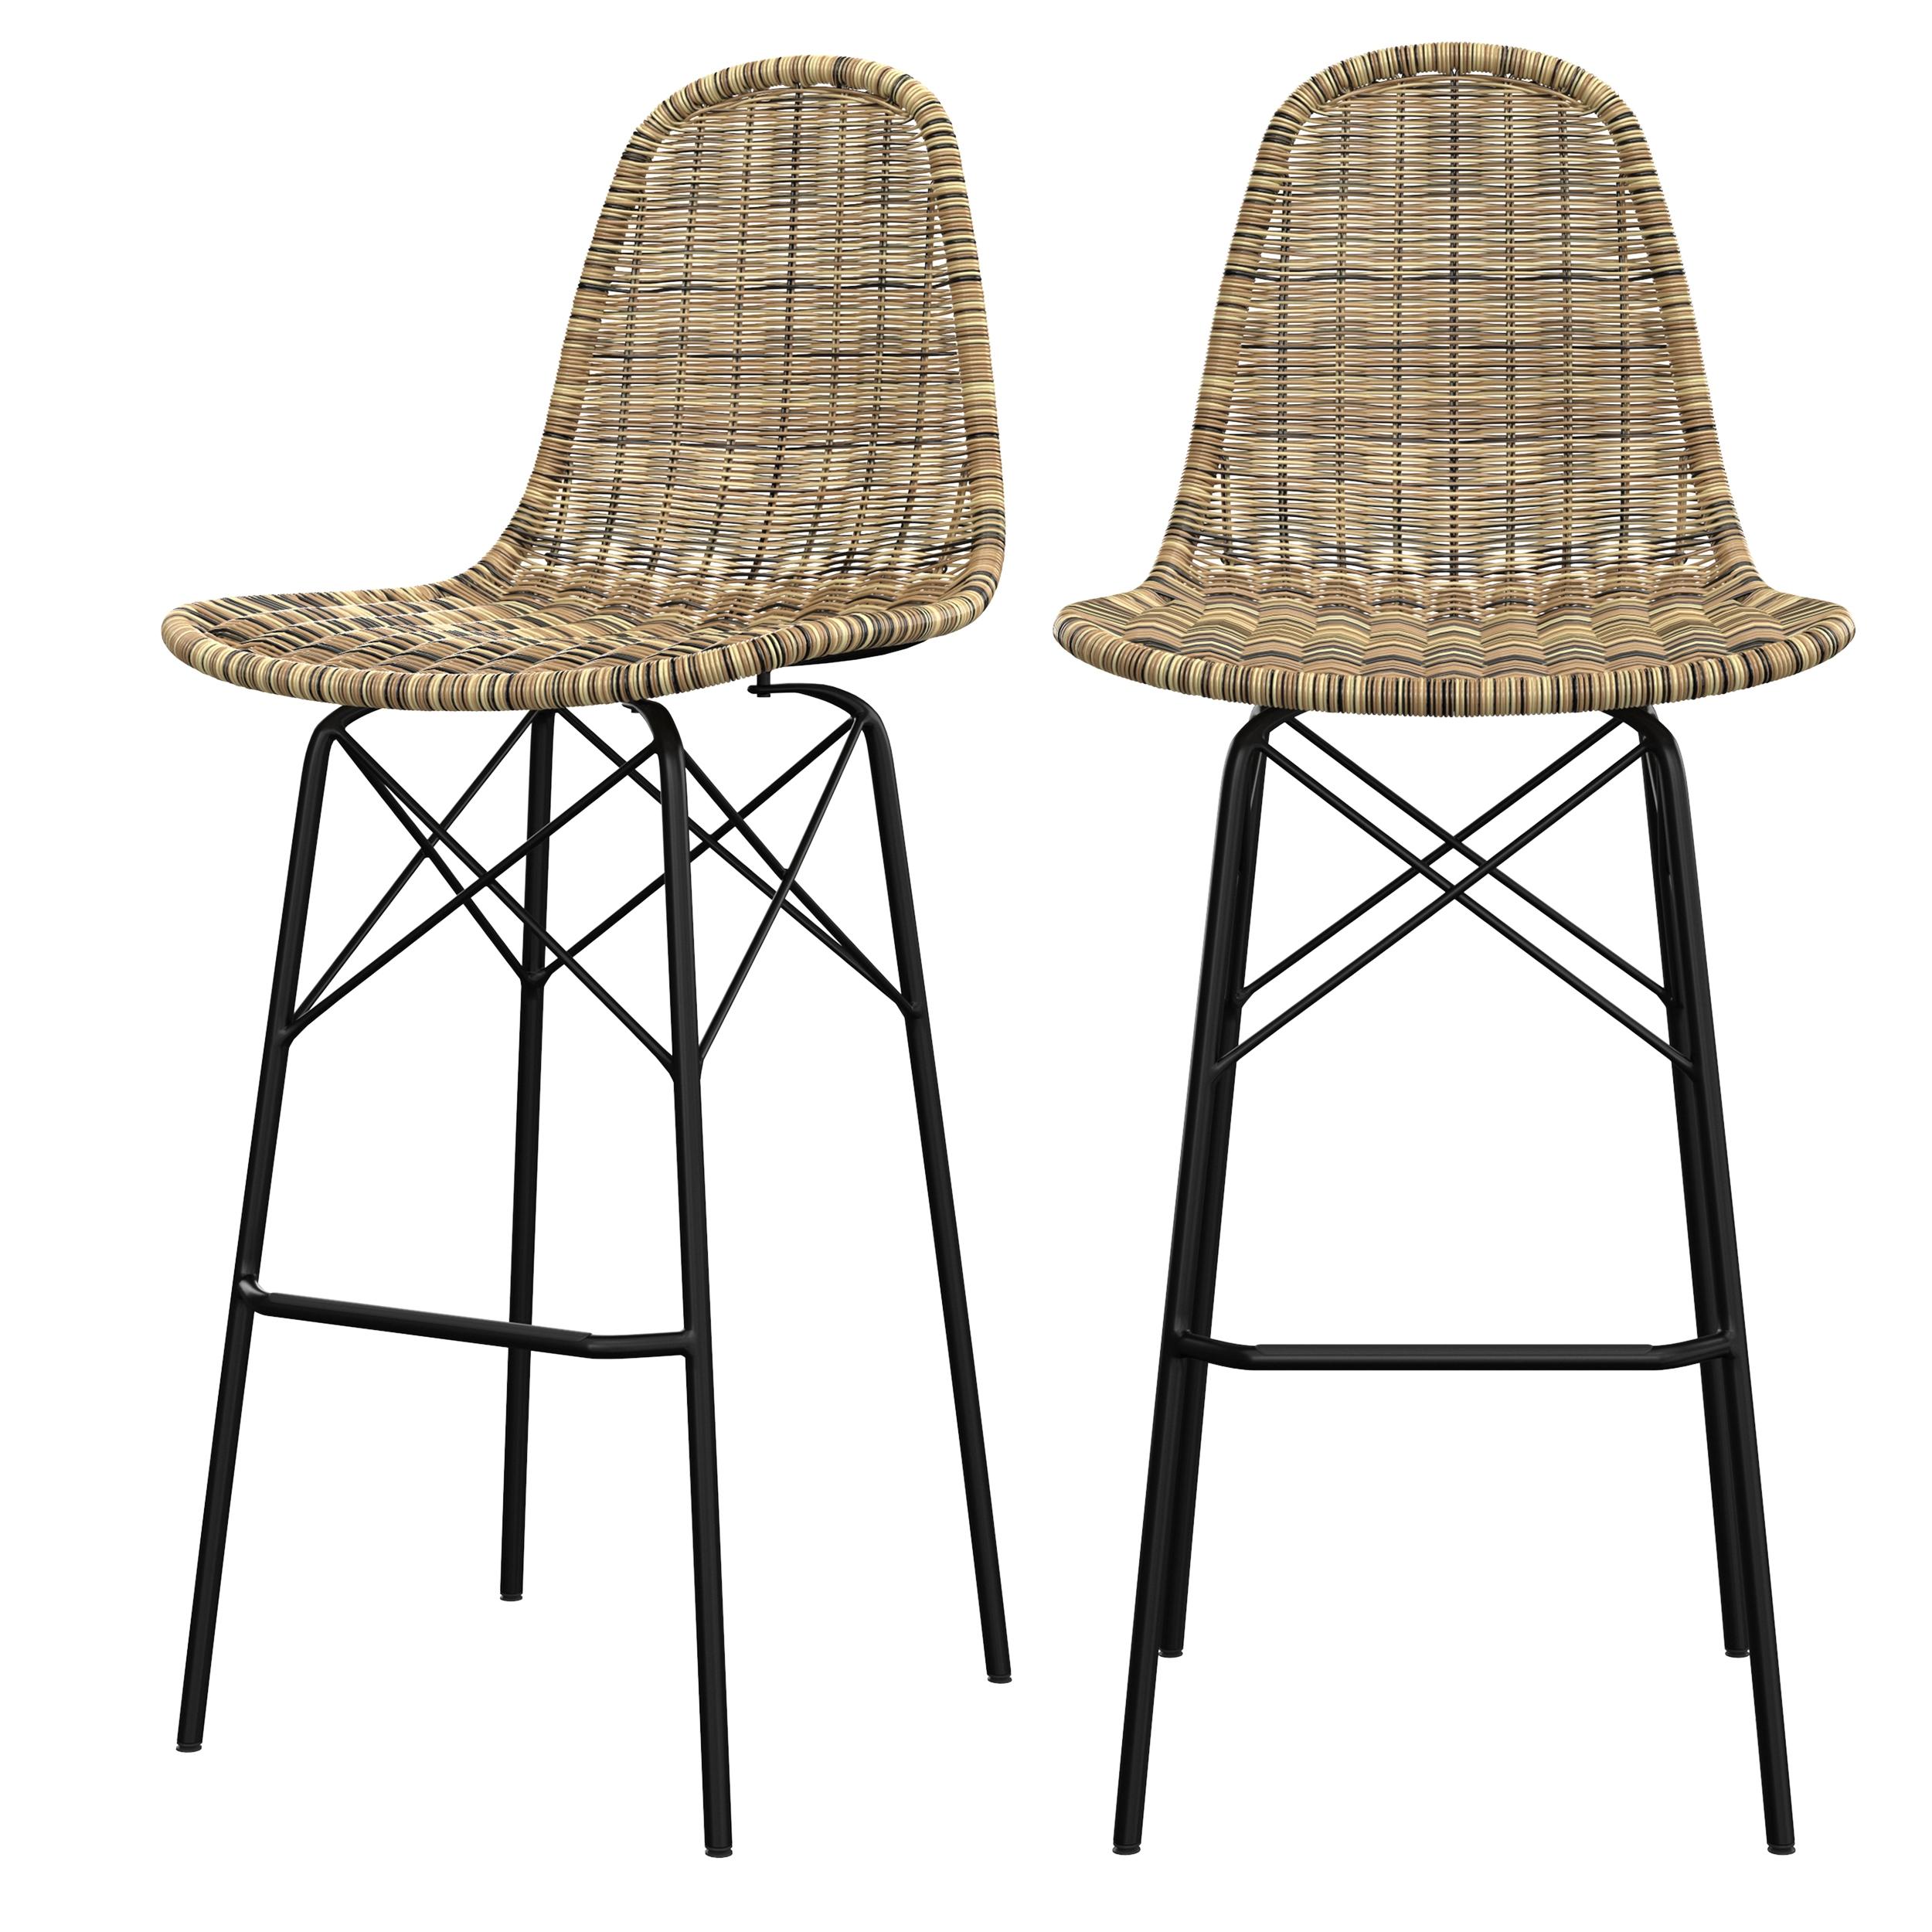 Chaise de bar 76 cm en résine tressée beige (lot de 2)